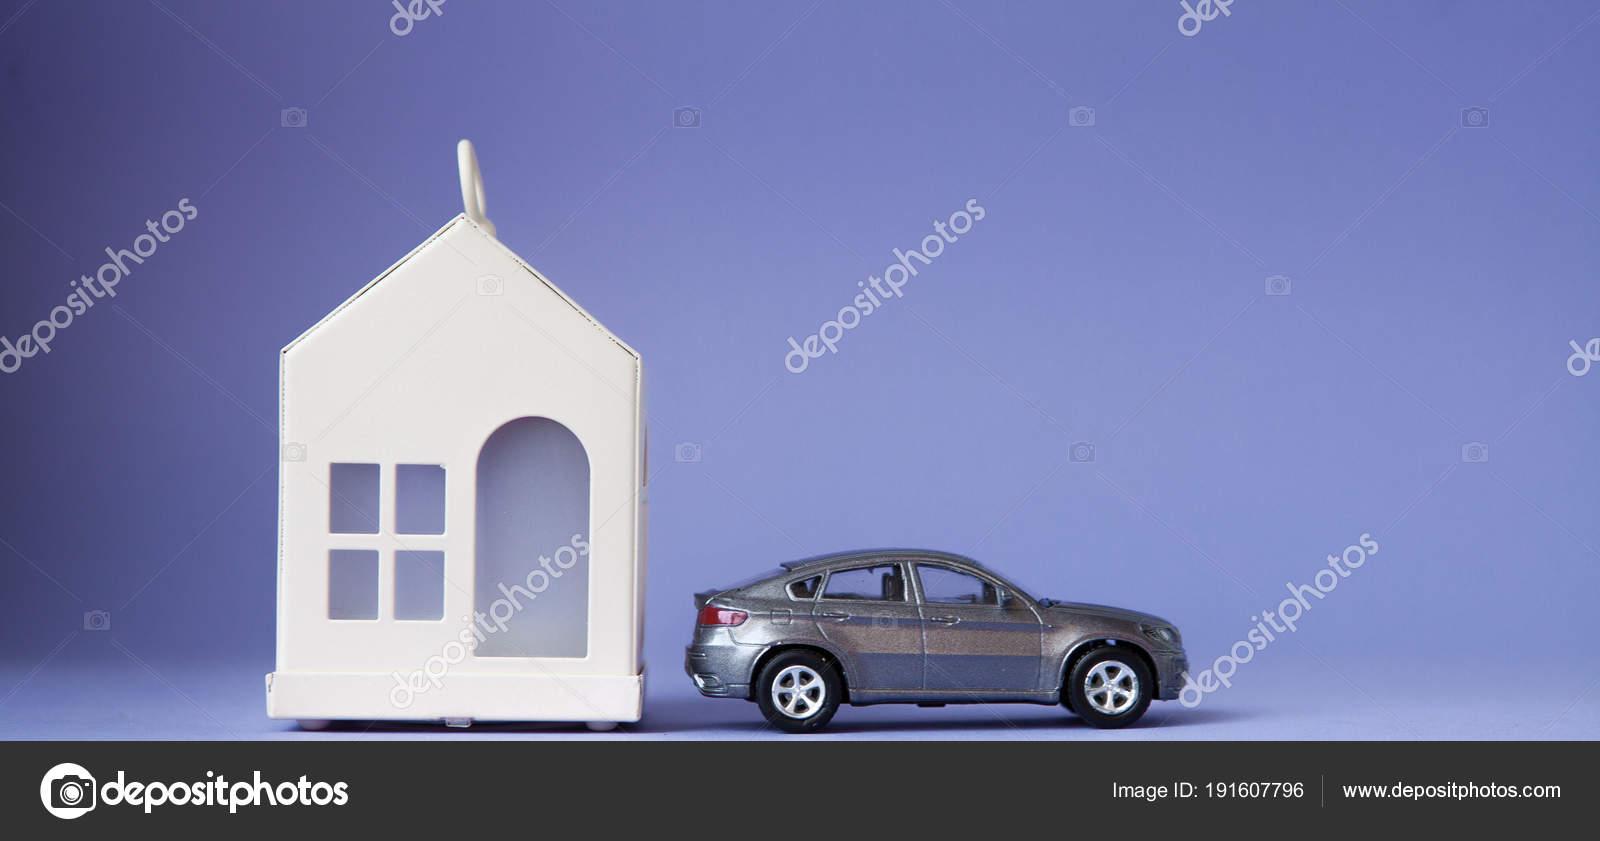 автомобиль недвижимость или нет